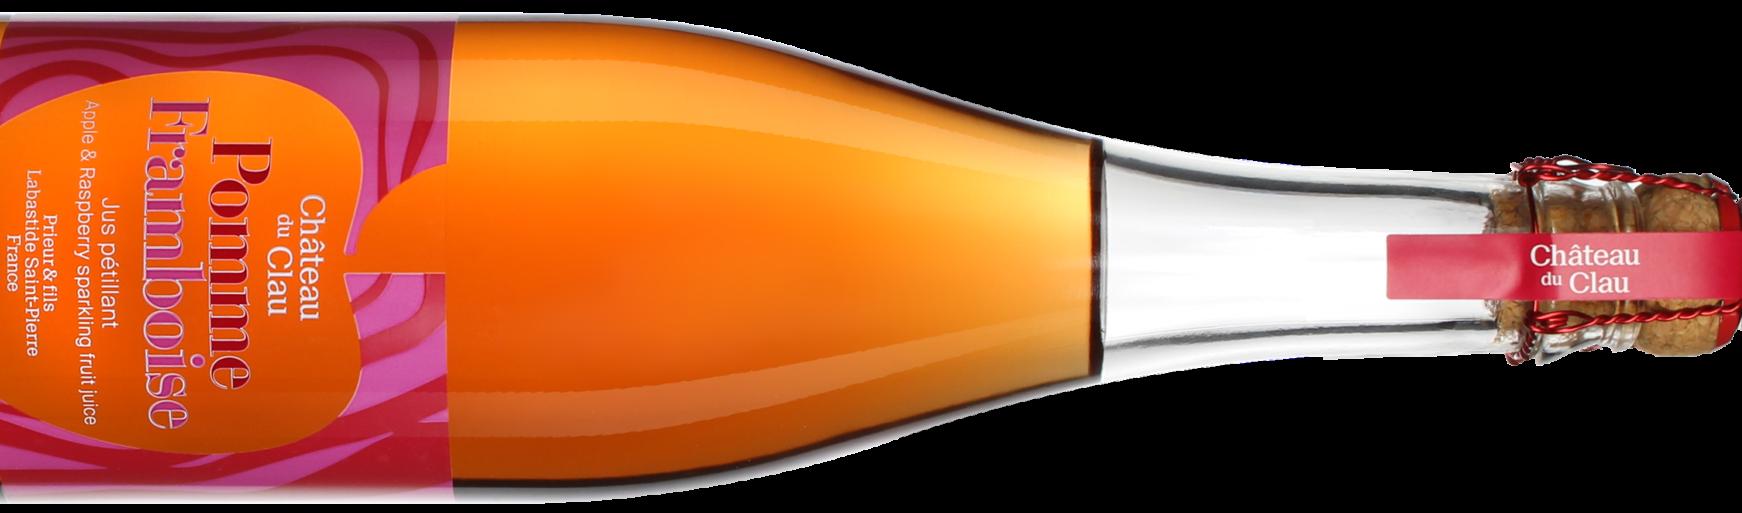 Petillant Pomme Framboise jus de fruits artisanal haut de gamme naturel Chateau du Clau H